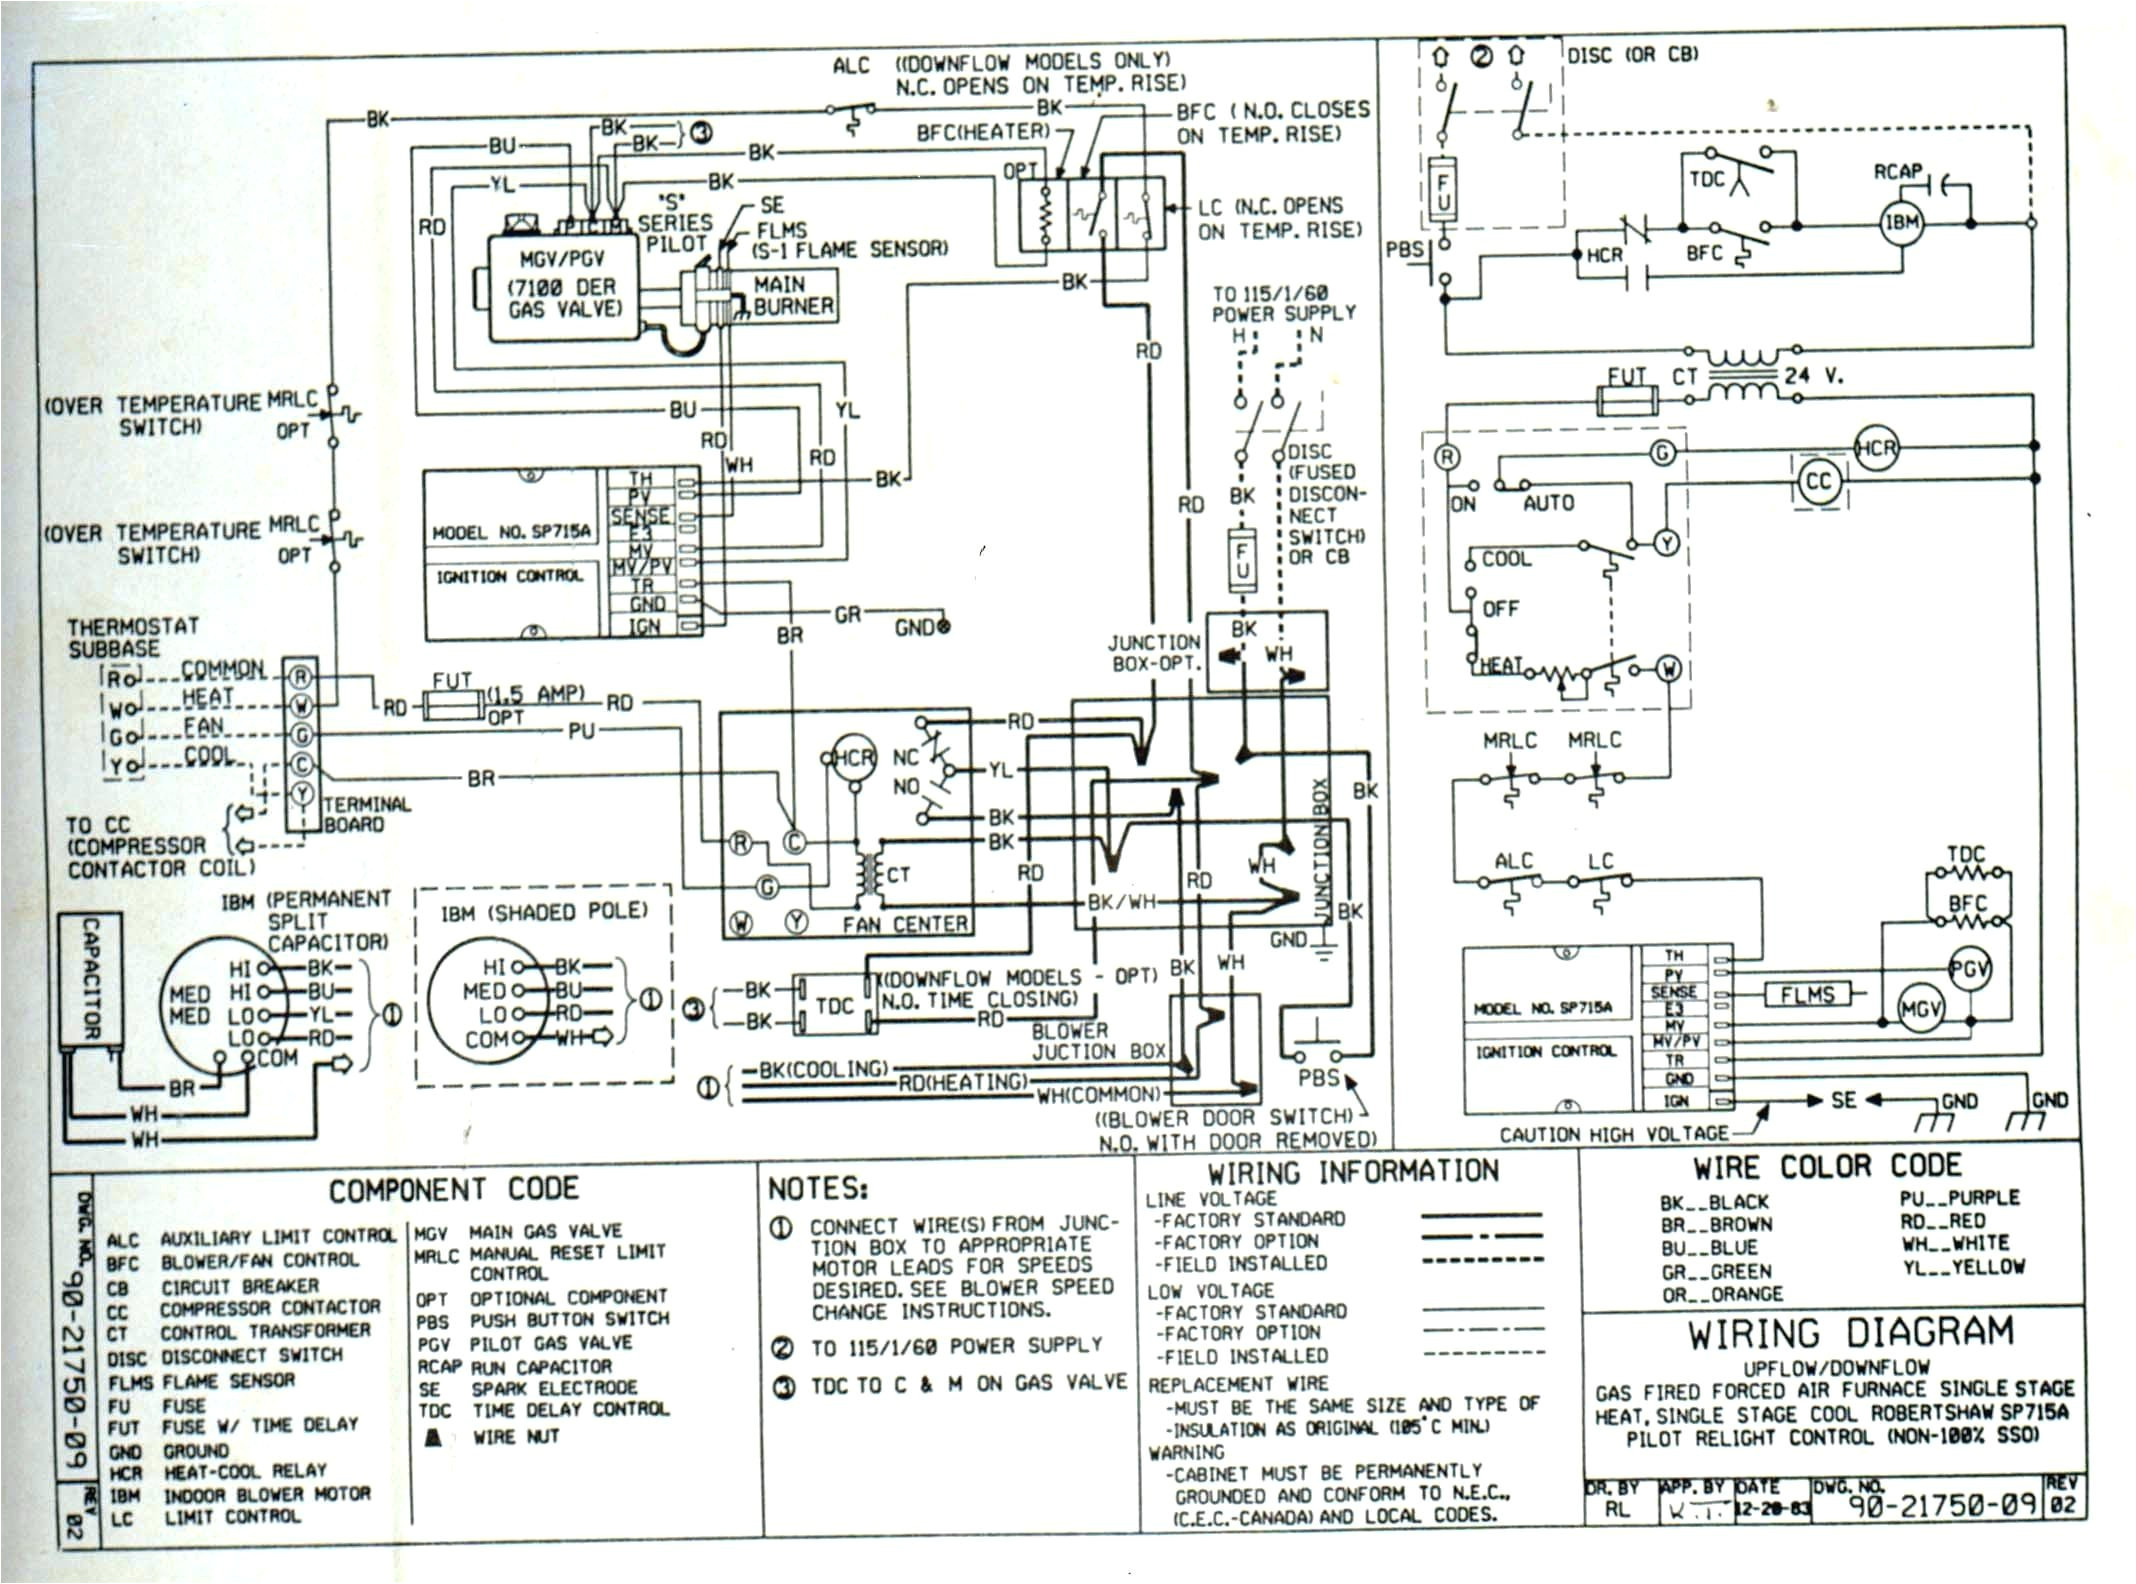 bad boy wiring diagram 26 wiring diagram loadterrible wiring diagram wiring diagram datasource bad boy wiring